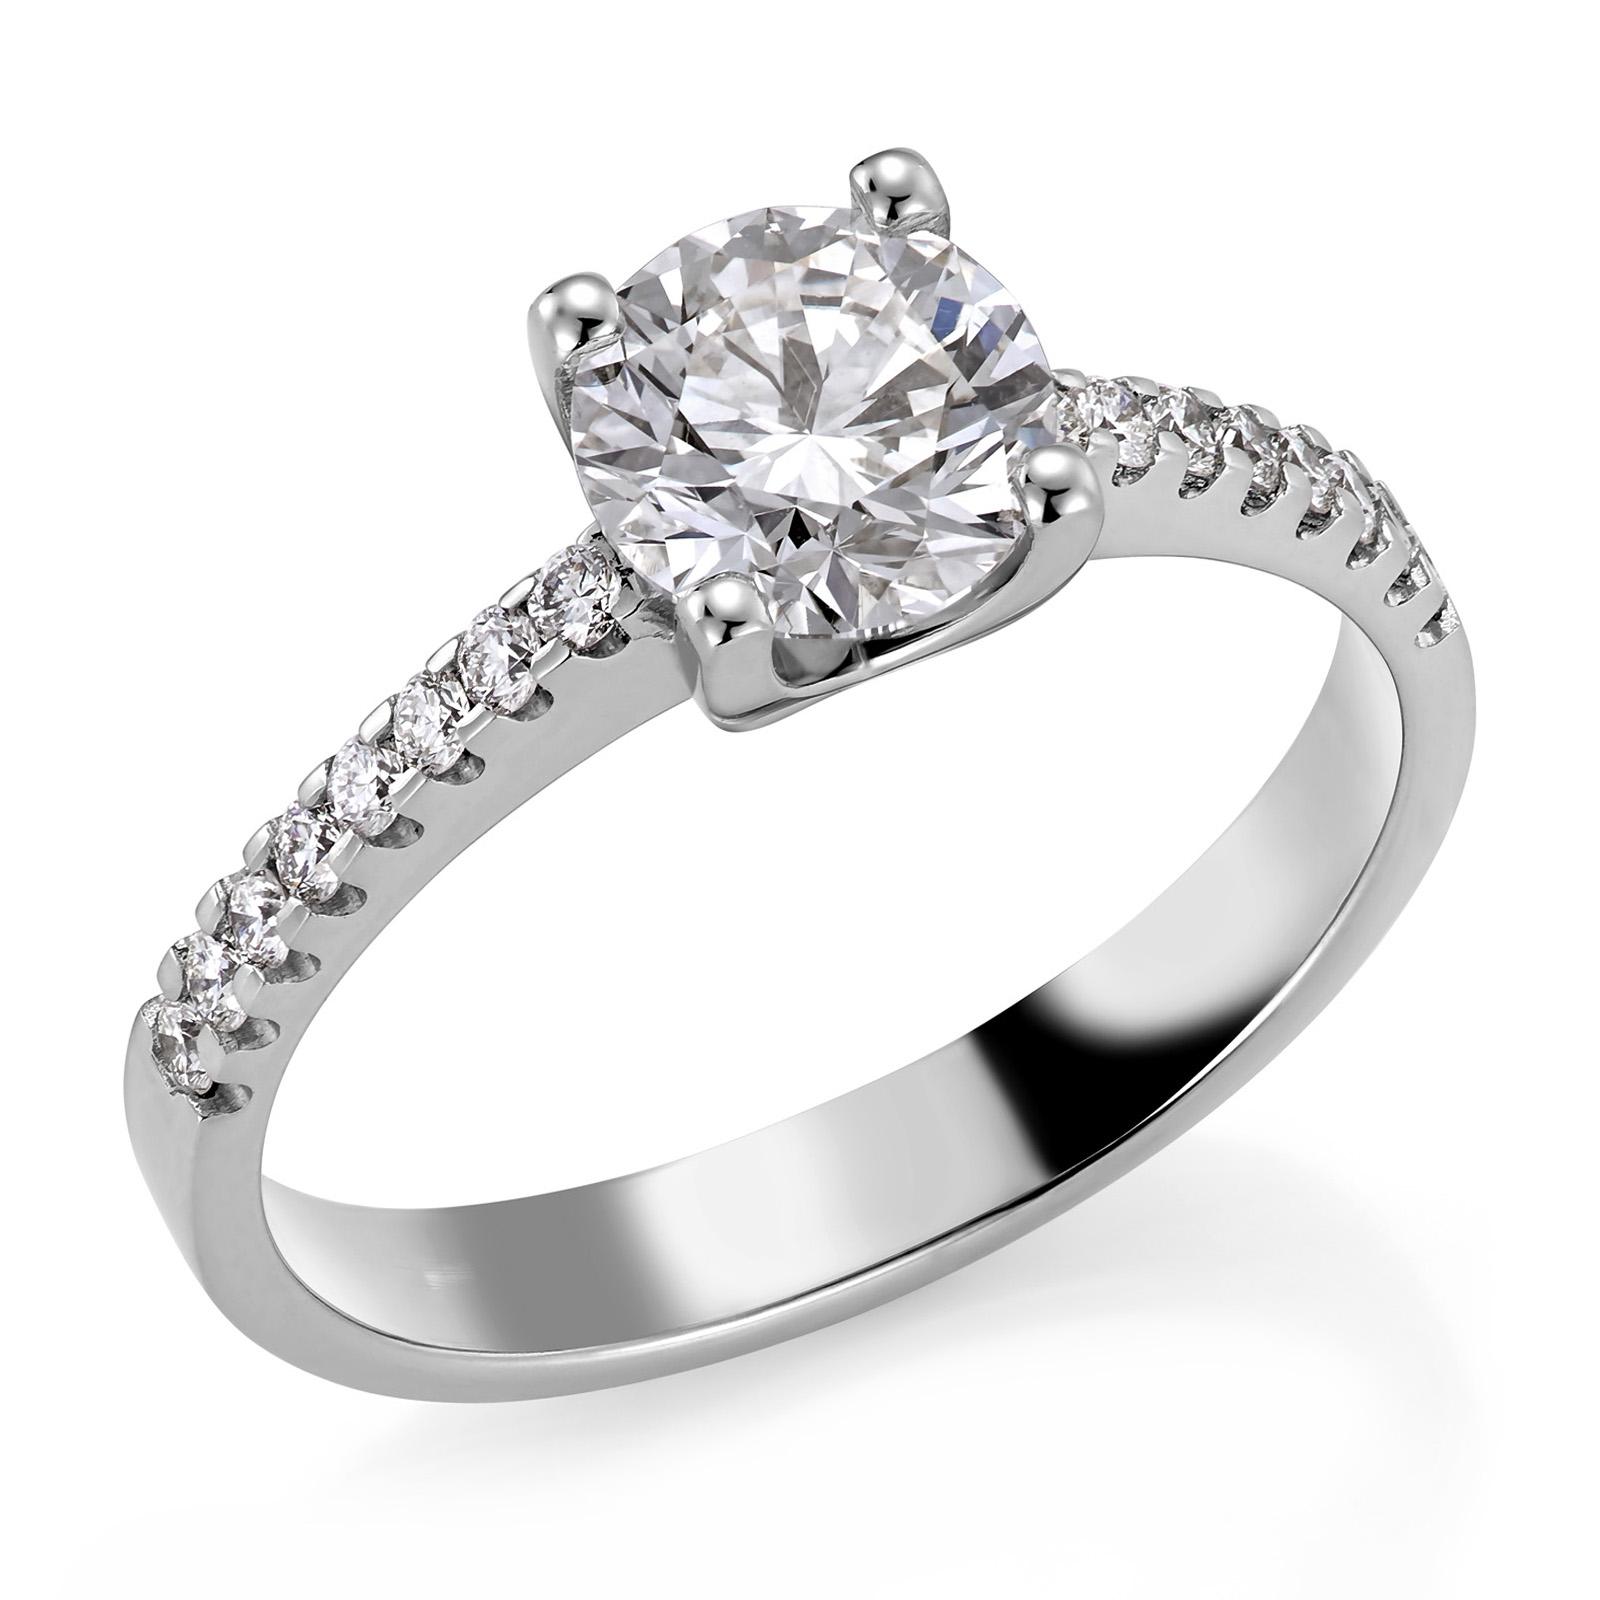 Mestergull Spesialdesignet ring med diamant på 1,00 ct. som sentersten og 16 diamanter i rekke på skulderpartiet. Ringen er utført i hvitt gull 585. Total diamantvekt 1,16 ct. HSI DESIGN STUDIO Solitaire Ring